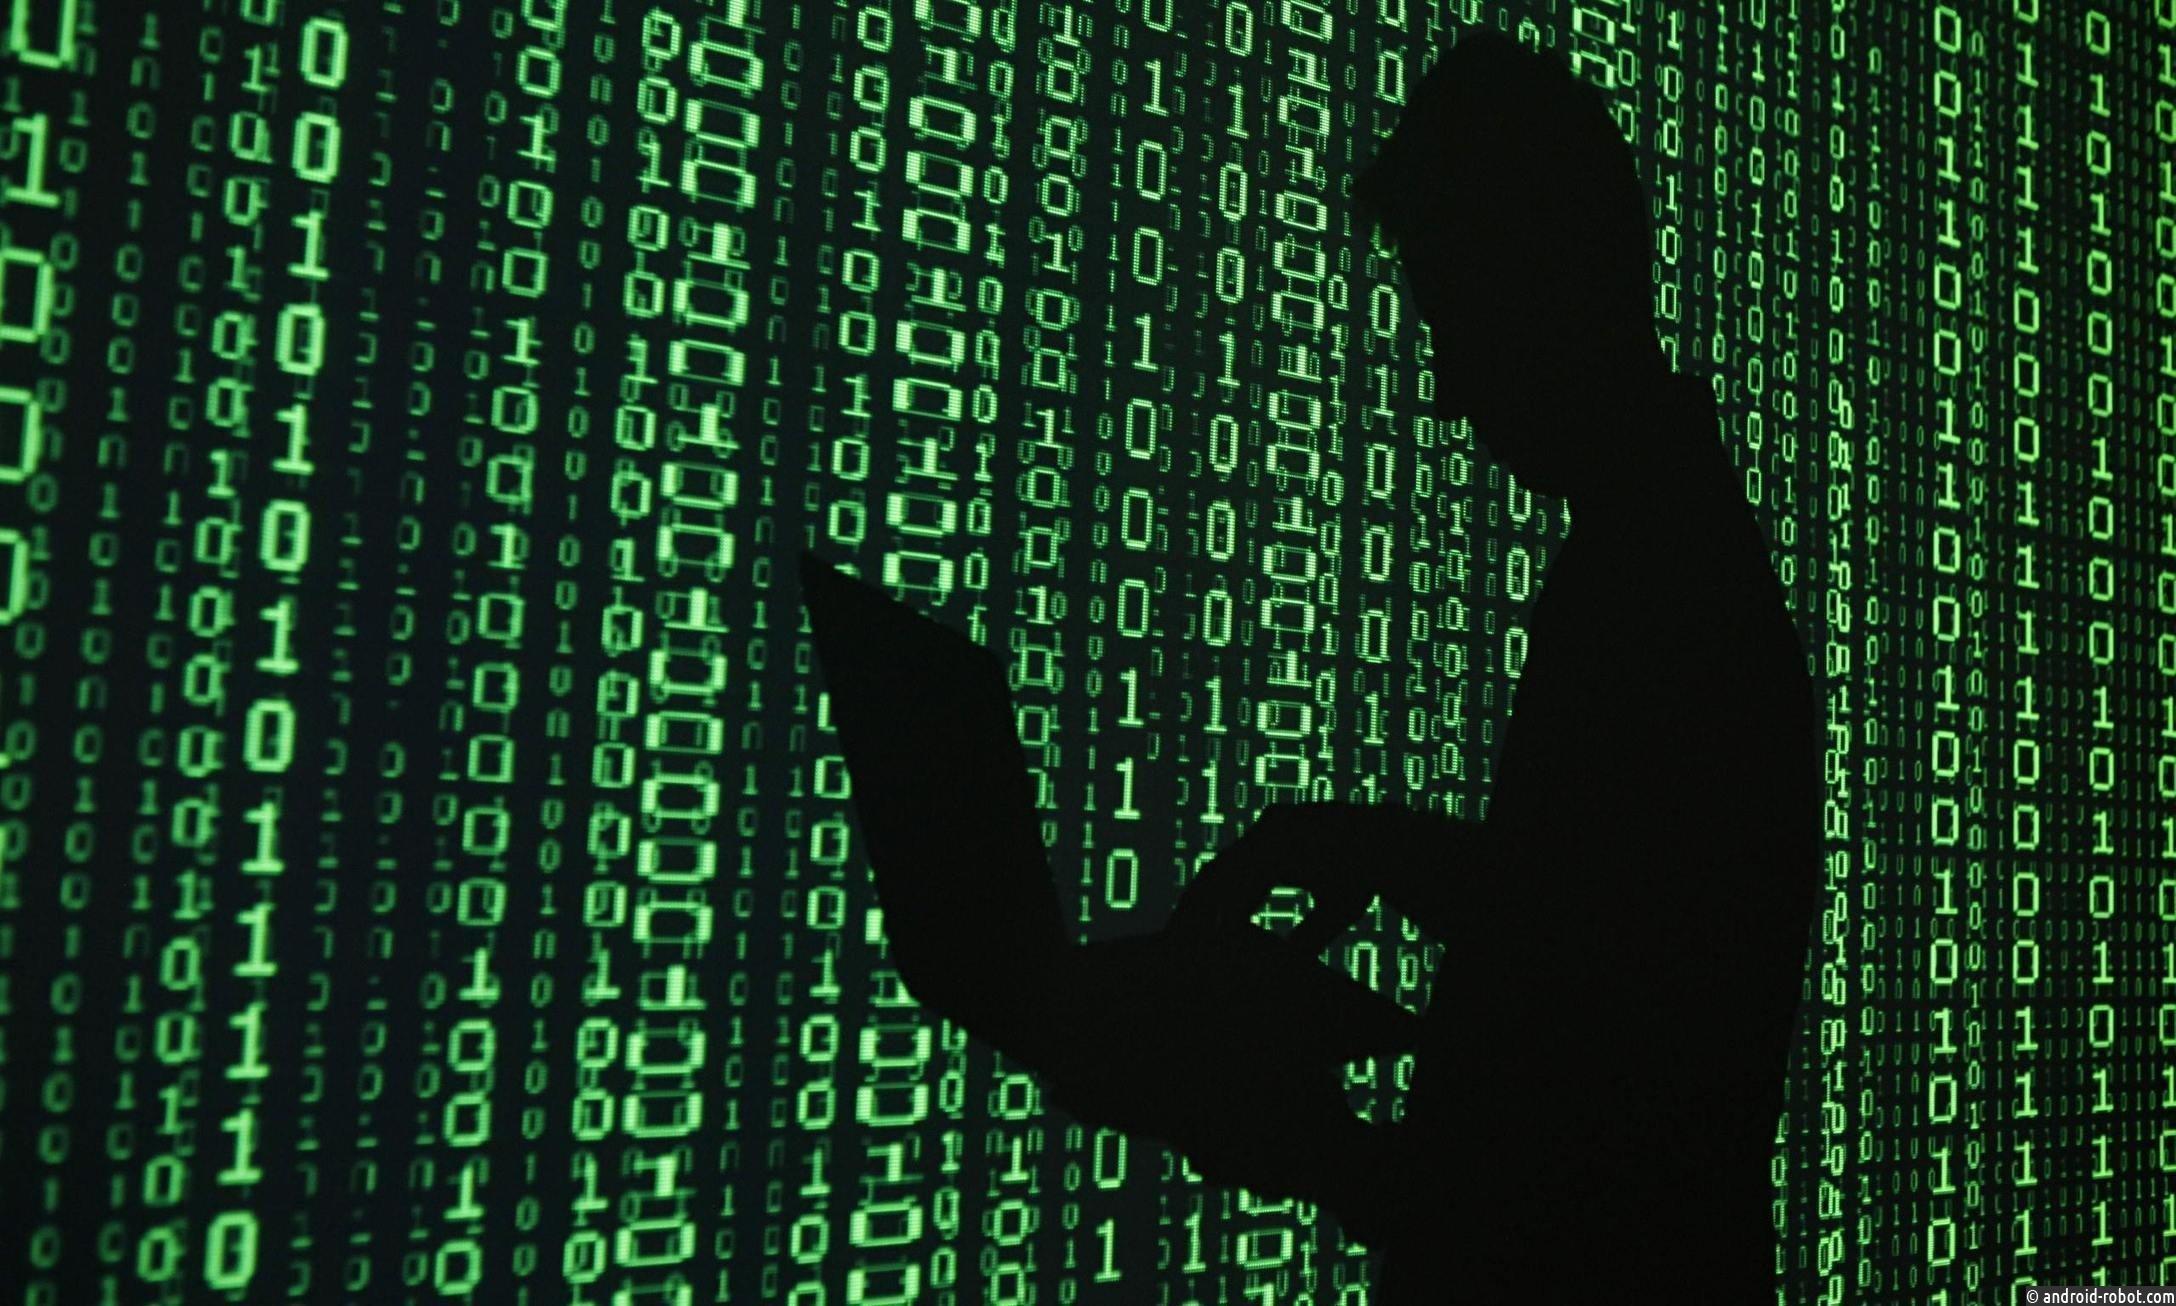 Хакеры взломали корпоративную сеть фейсбук